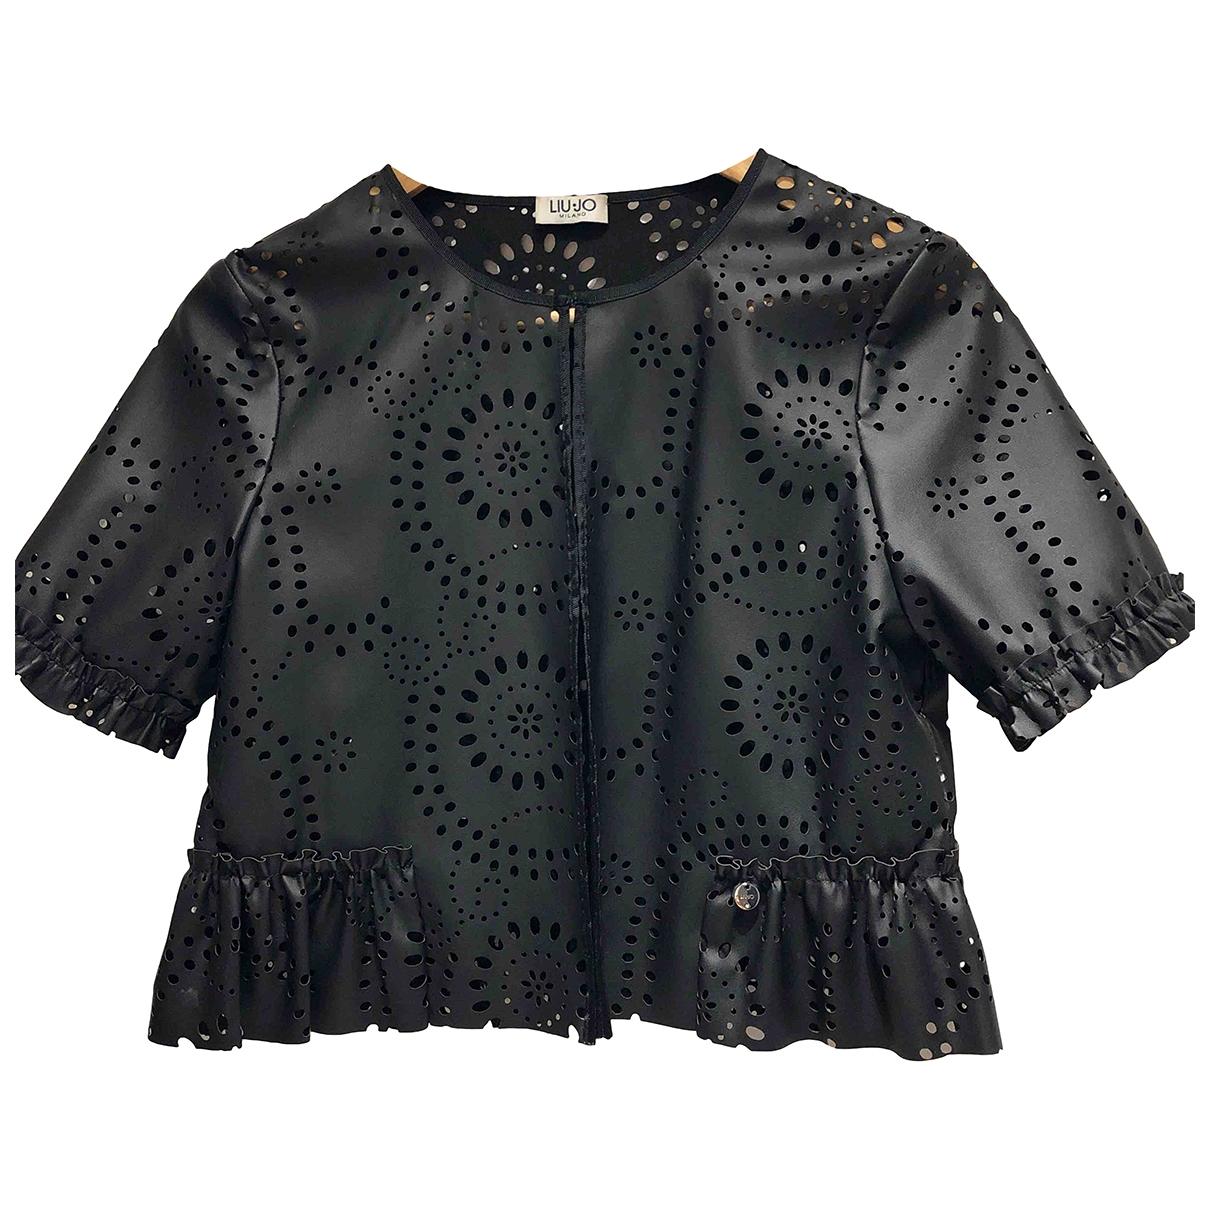 Liu.jo \N Black jacket for Women 36 FR